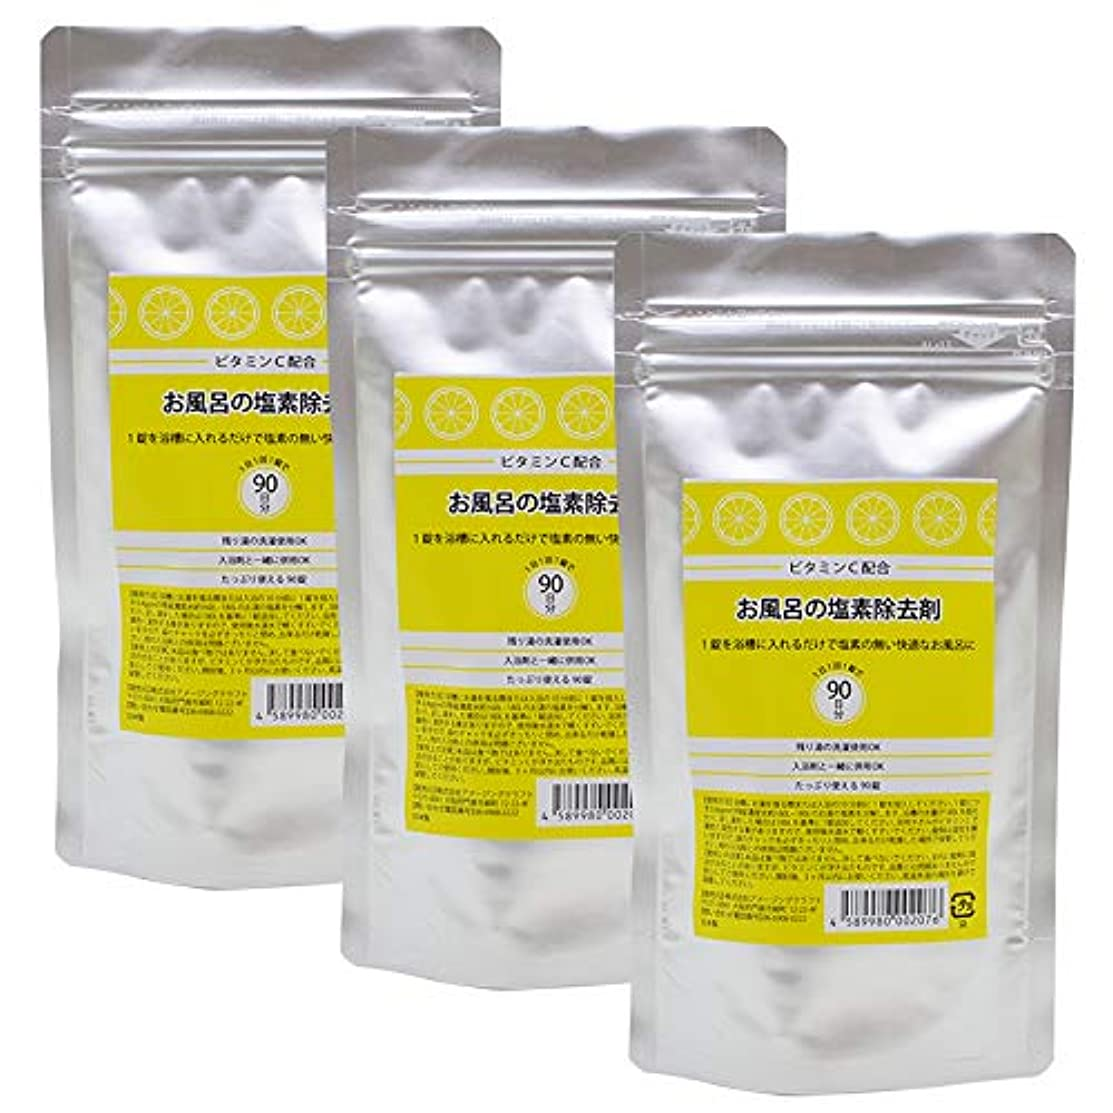 戦略舌な私達ビタミンC配合 お風呂の塩素除去剤 錠剤タイプ 90錠 3個セット 浴槽用脱塩素剤